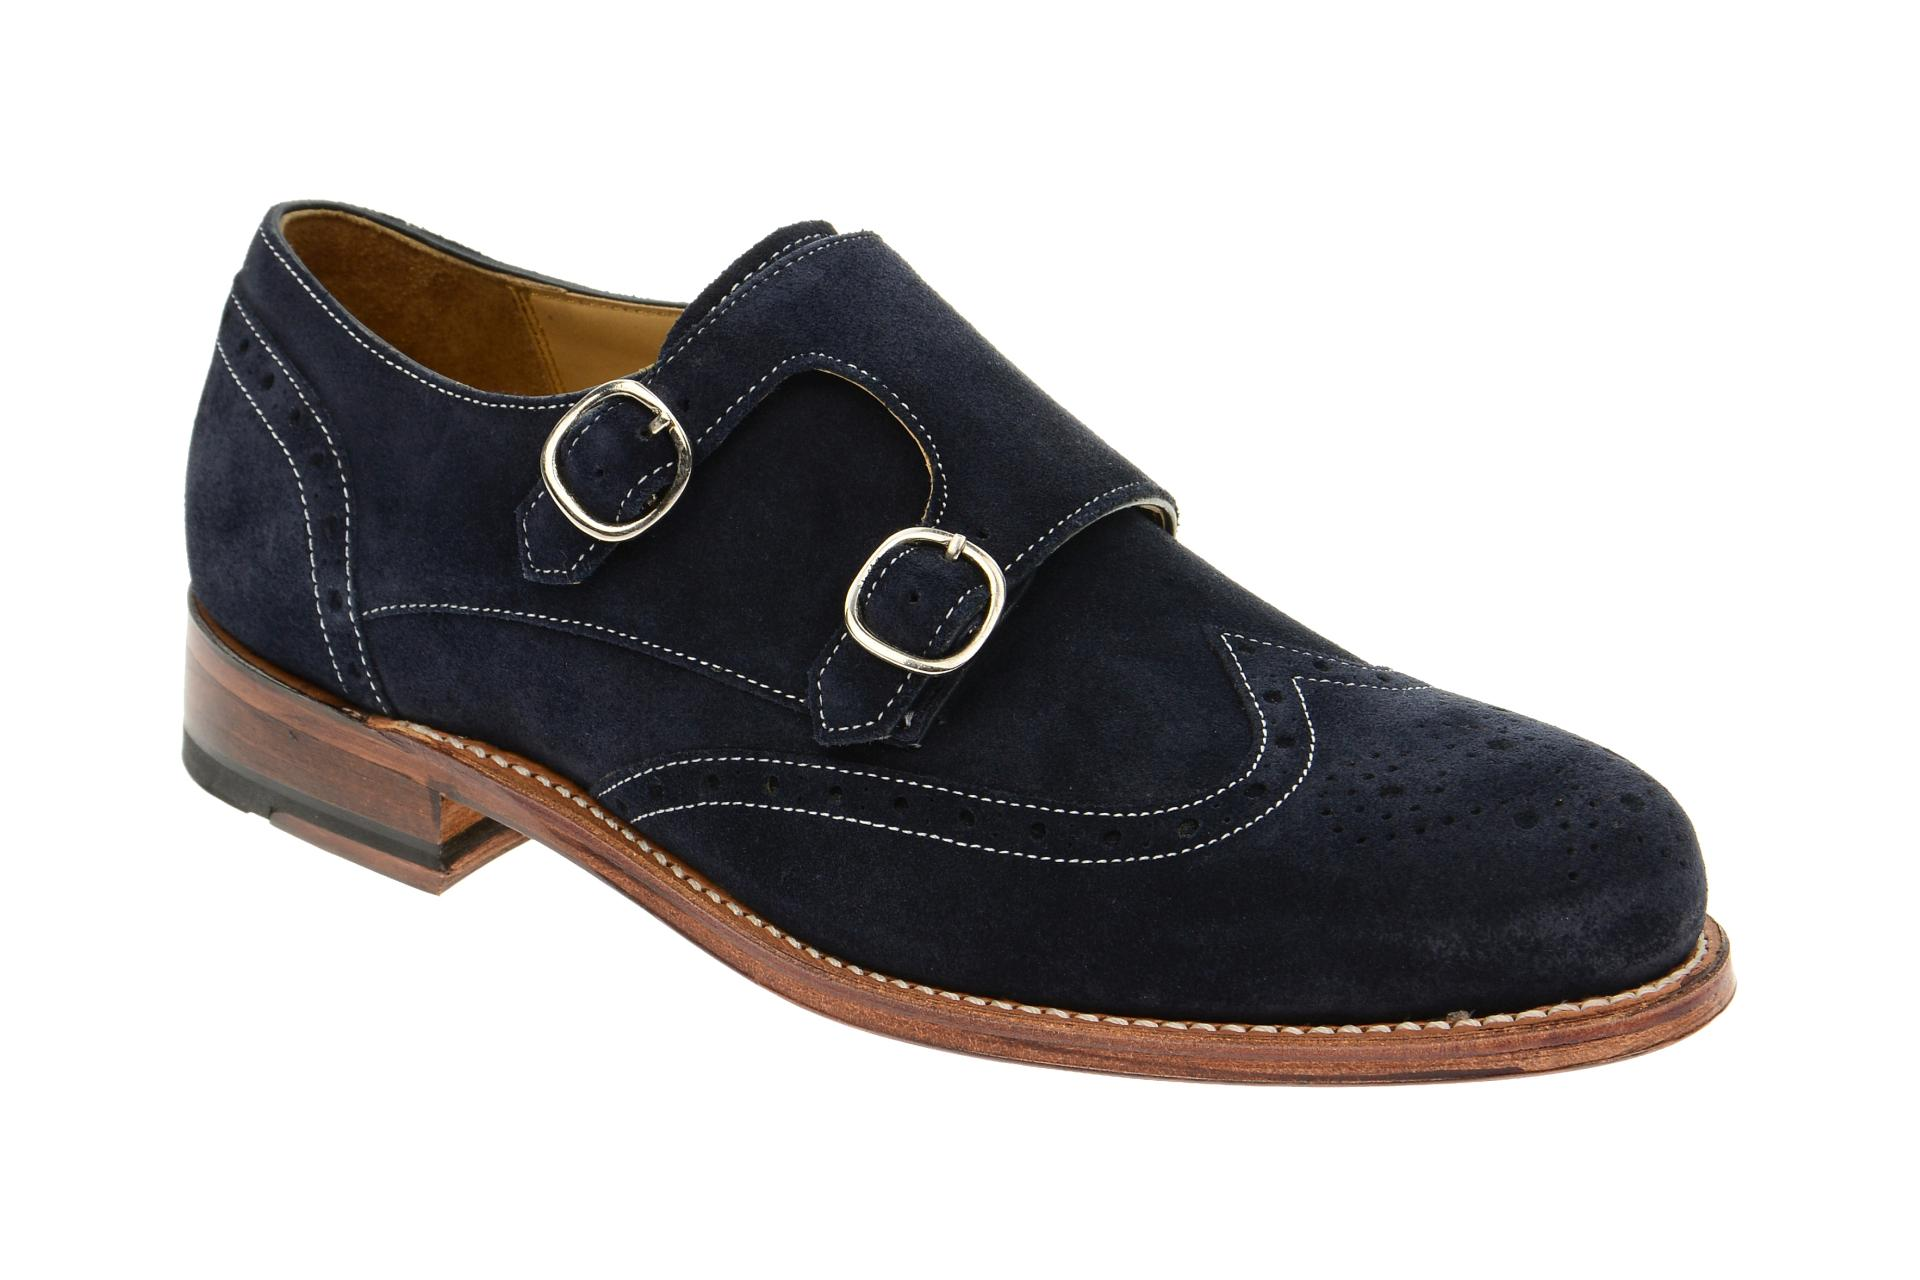 Gordon & Bros. Gordon & Bros Schuhe Levet blau Velour Rahmengenäht 4925 :: Blau - 41 - Männlich - Erwachsene